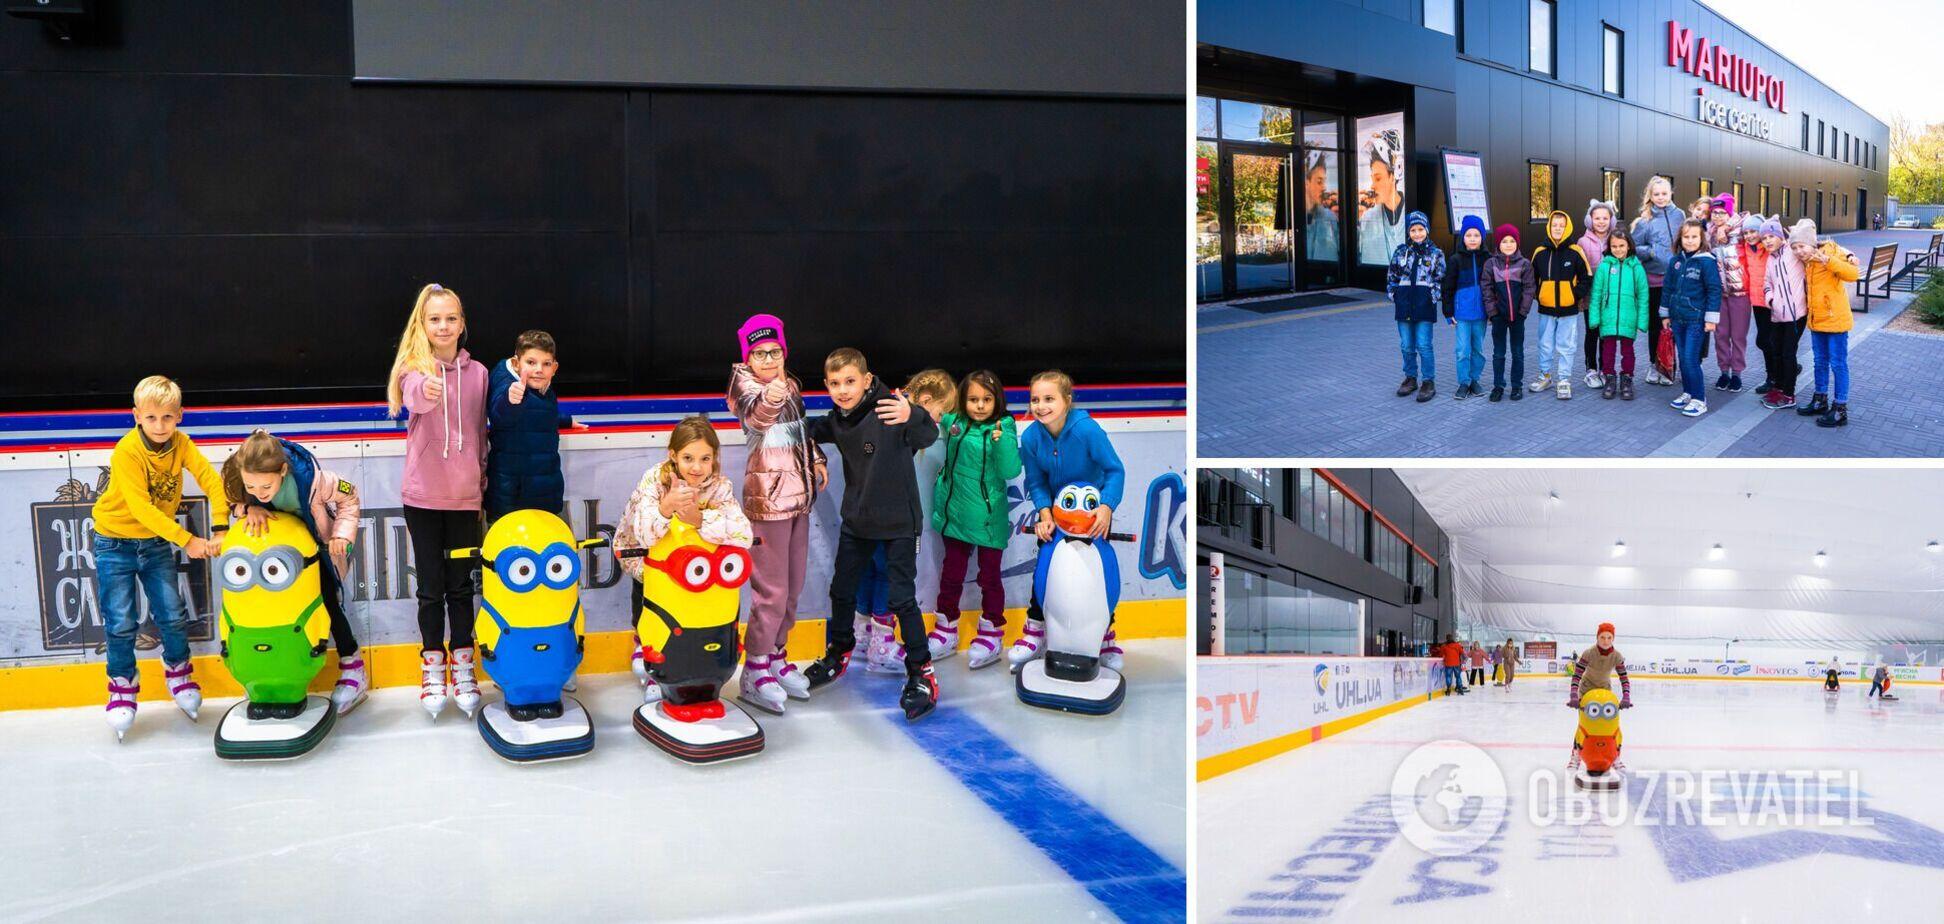 За рік роботи льодова арена в Маріуполі стала центром активного сімейного відпочинку та спортивного дозвілля